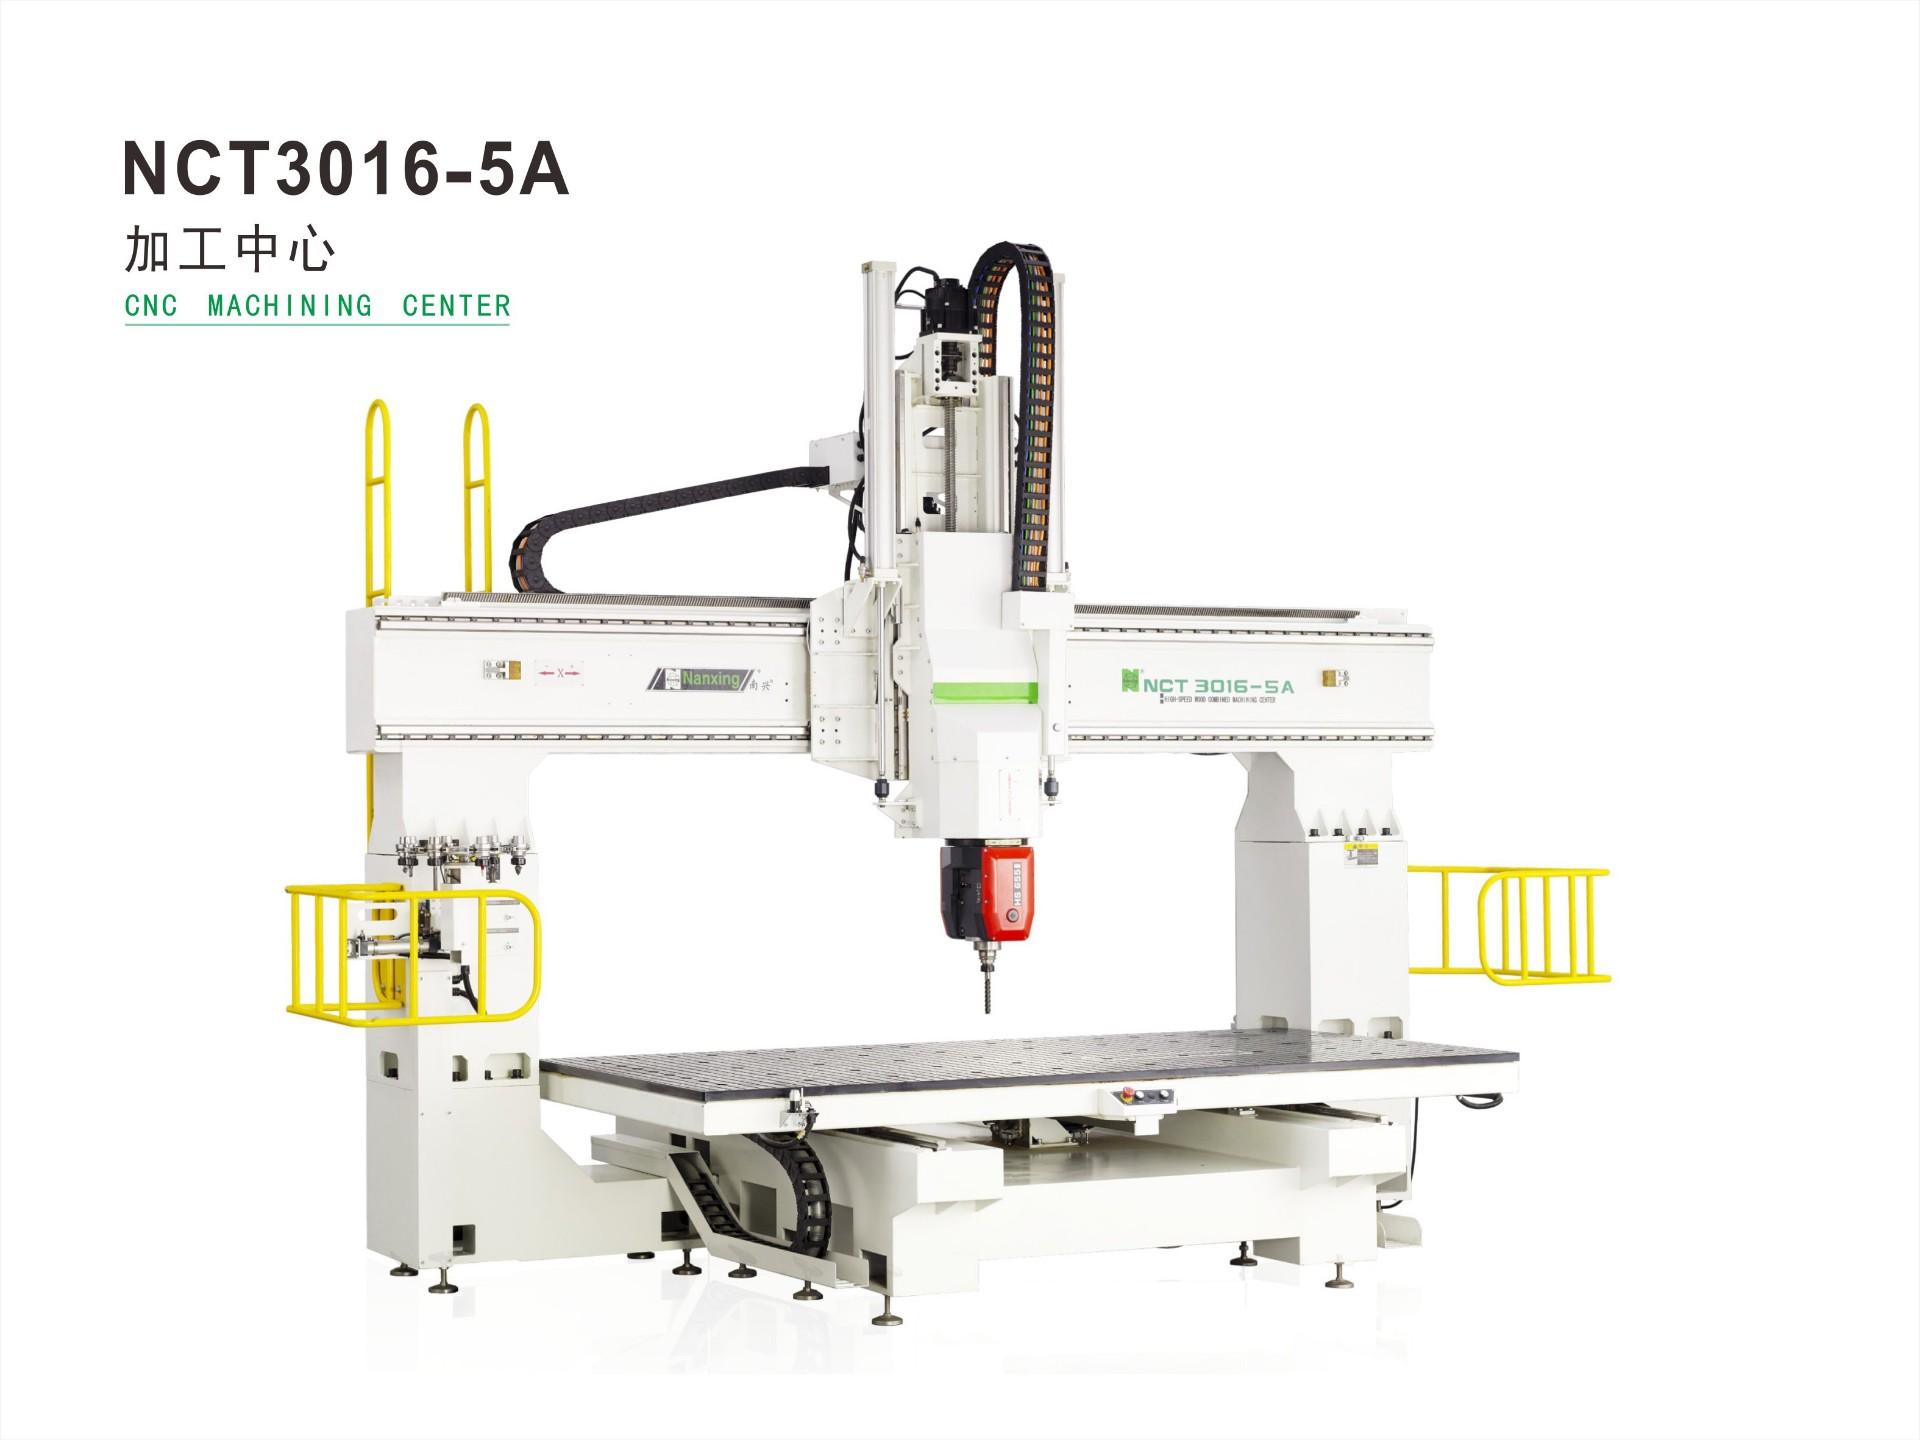 五軸加工中心 NCT3016-5A